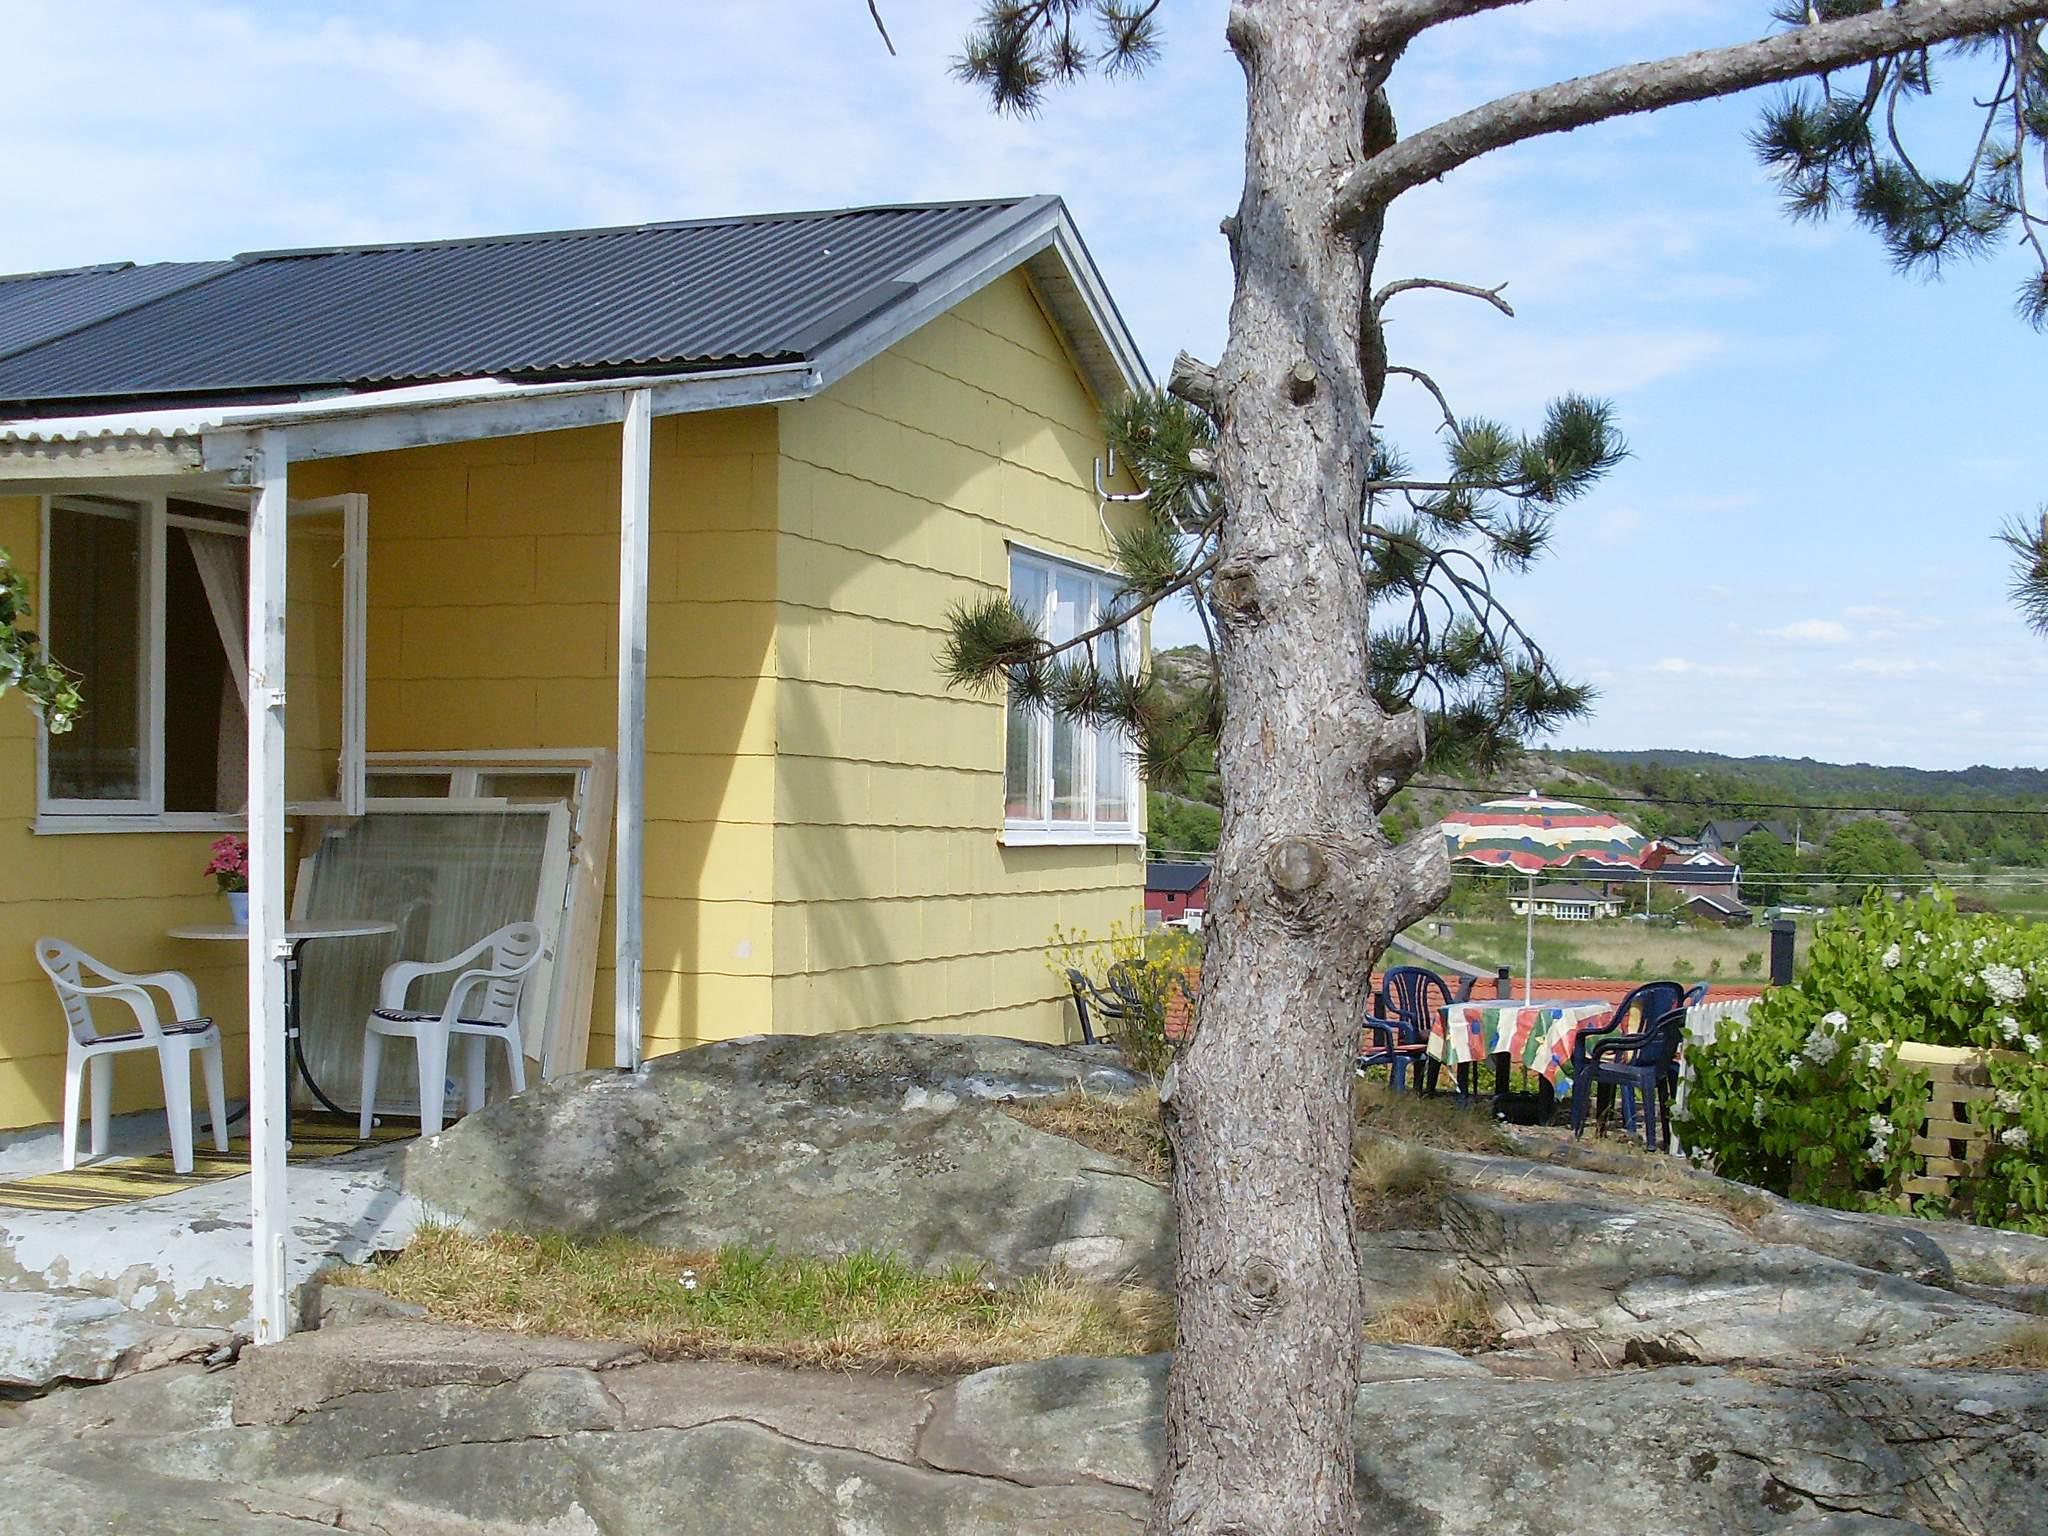 Ferienhaus Kovikshamn (266413), Kärna, Västra Götaland län, Westschweden, Schweden, Bild 10